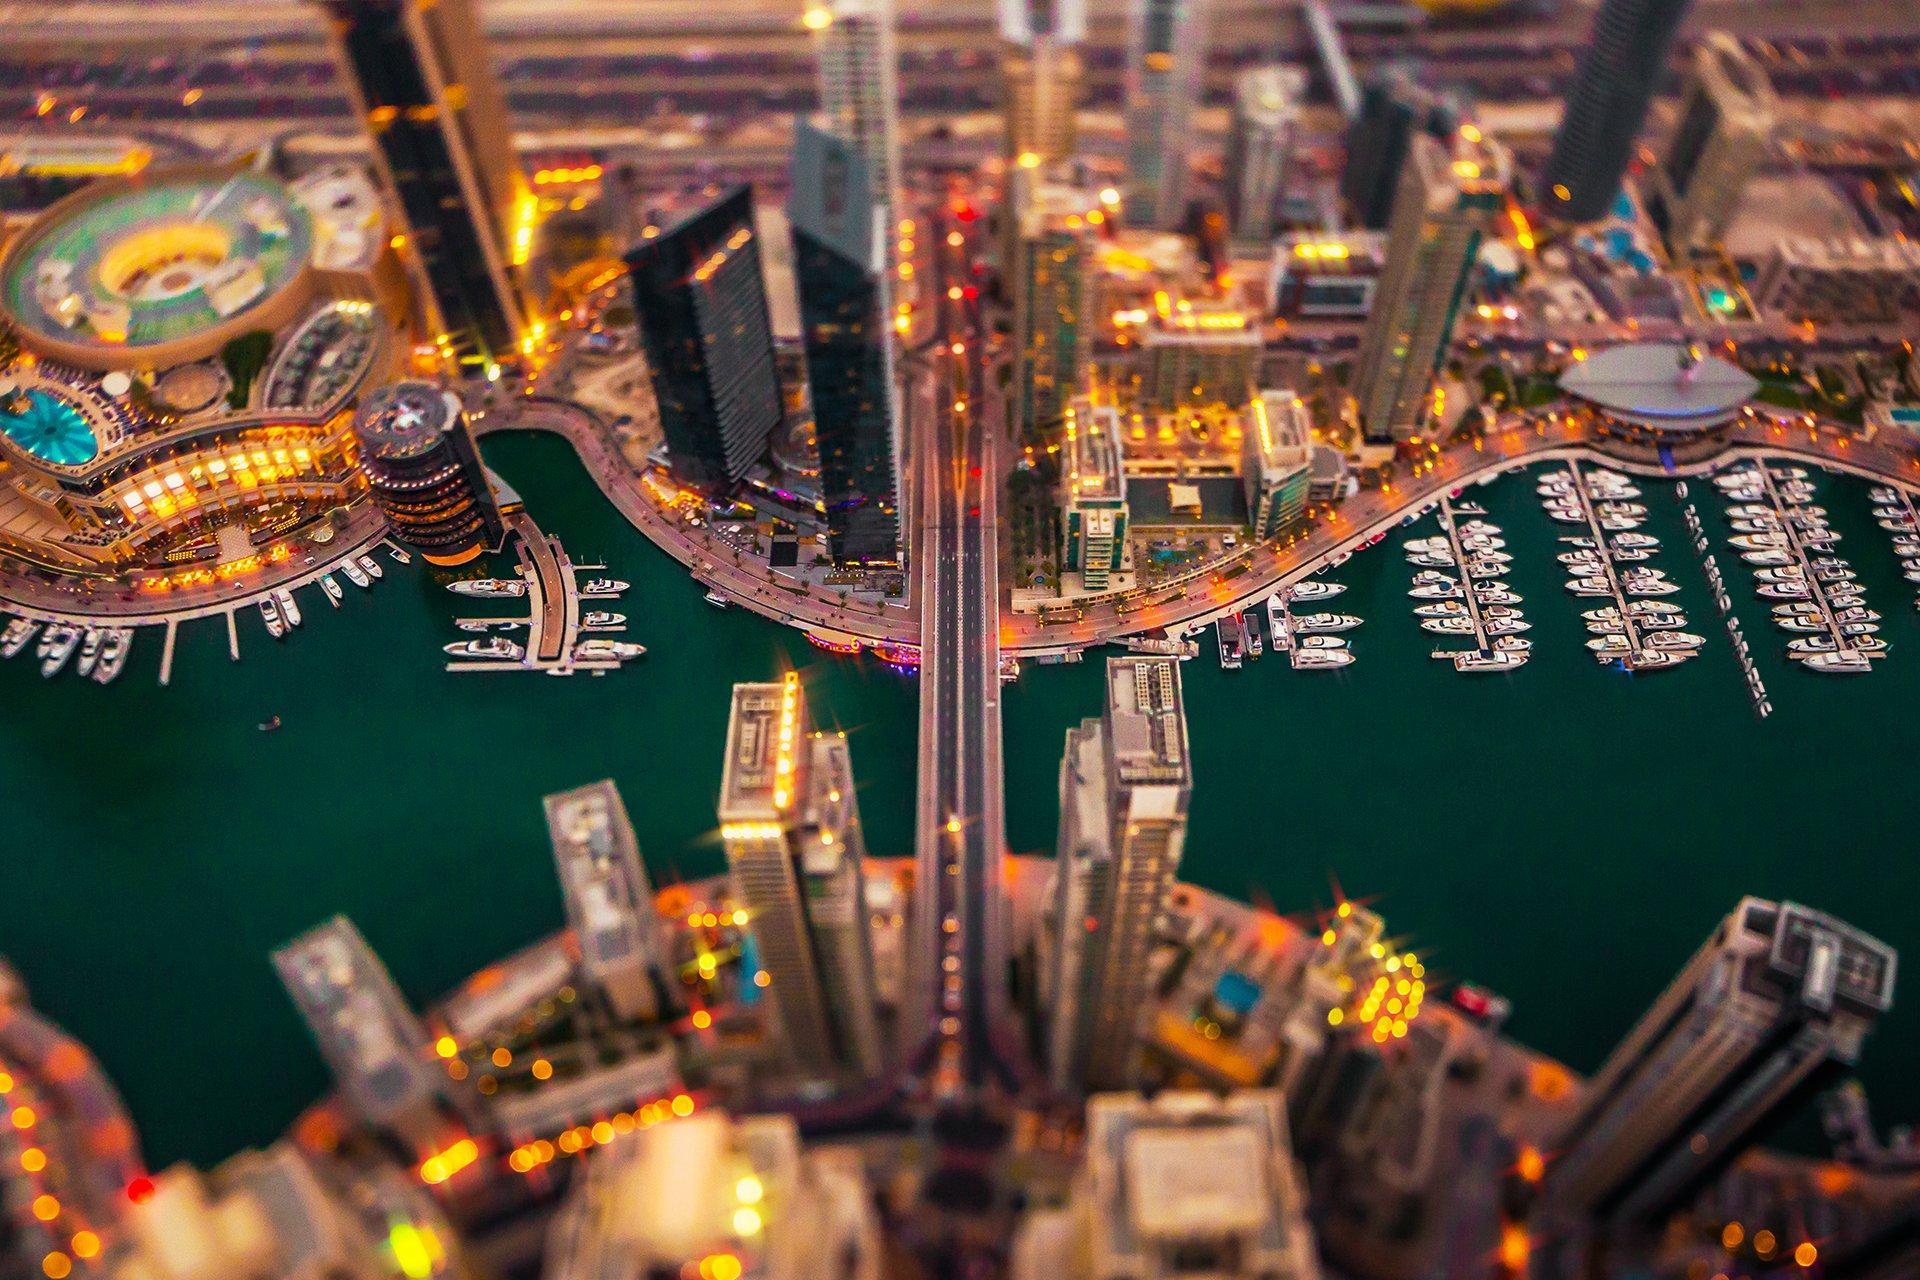 дубаи марина огни город высота Dubai Marina lights the city height без смс